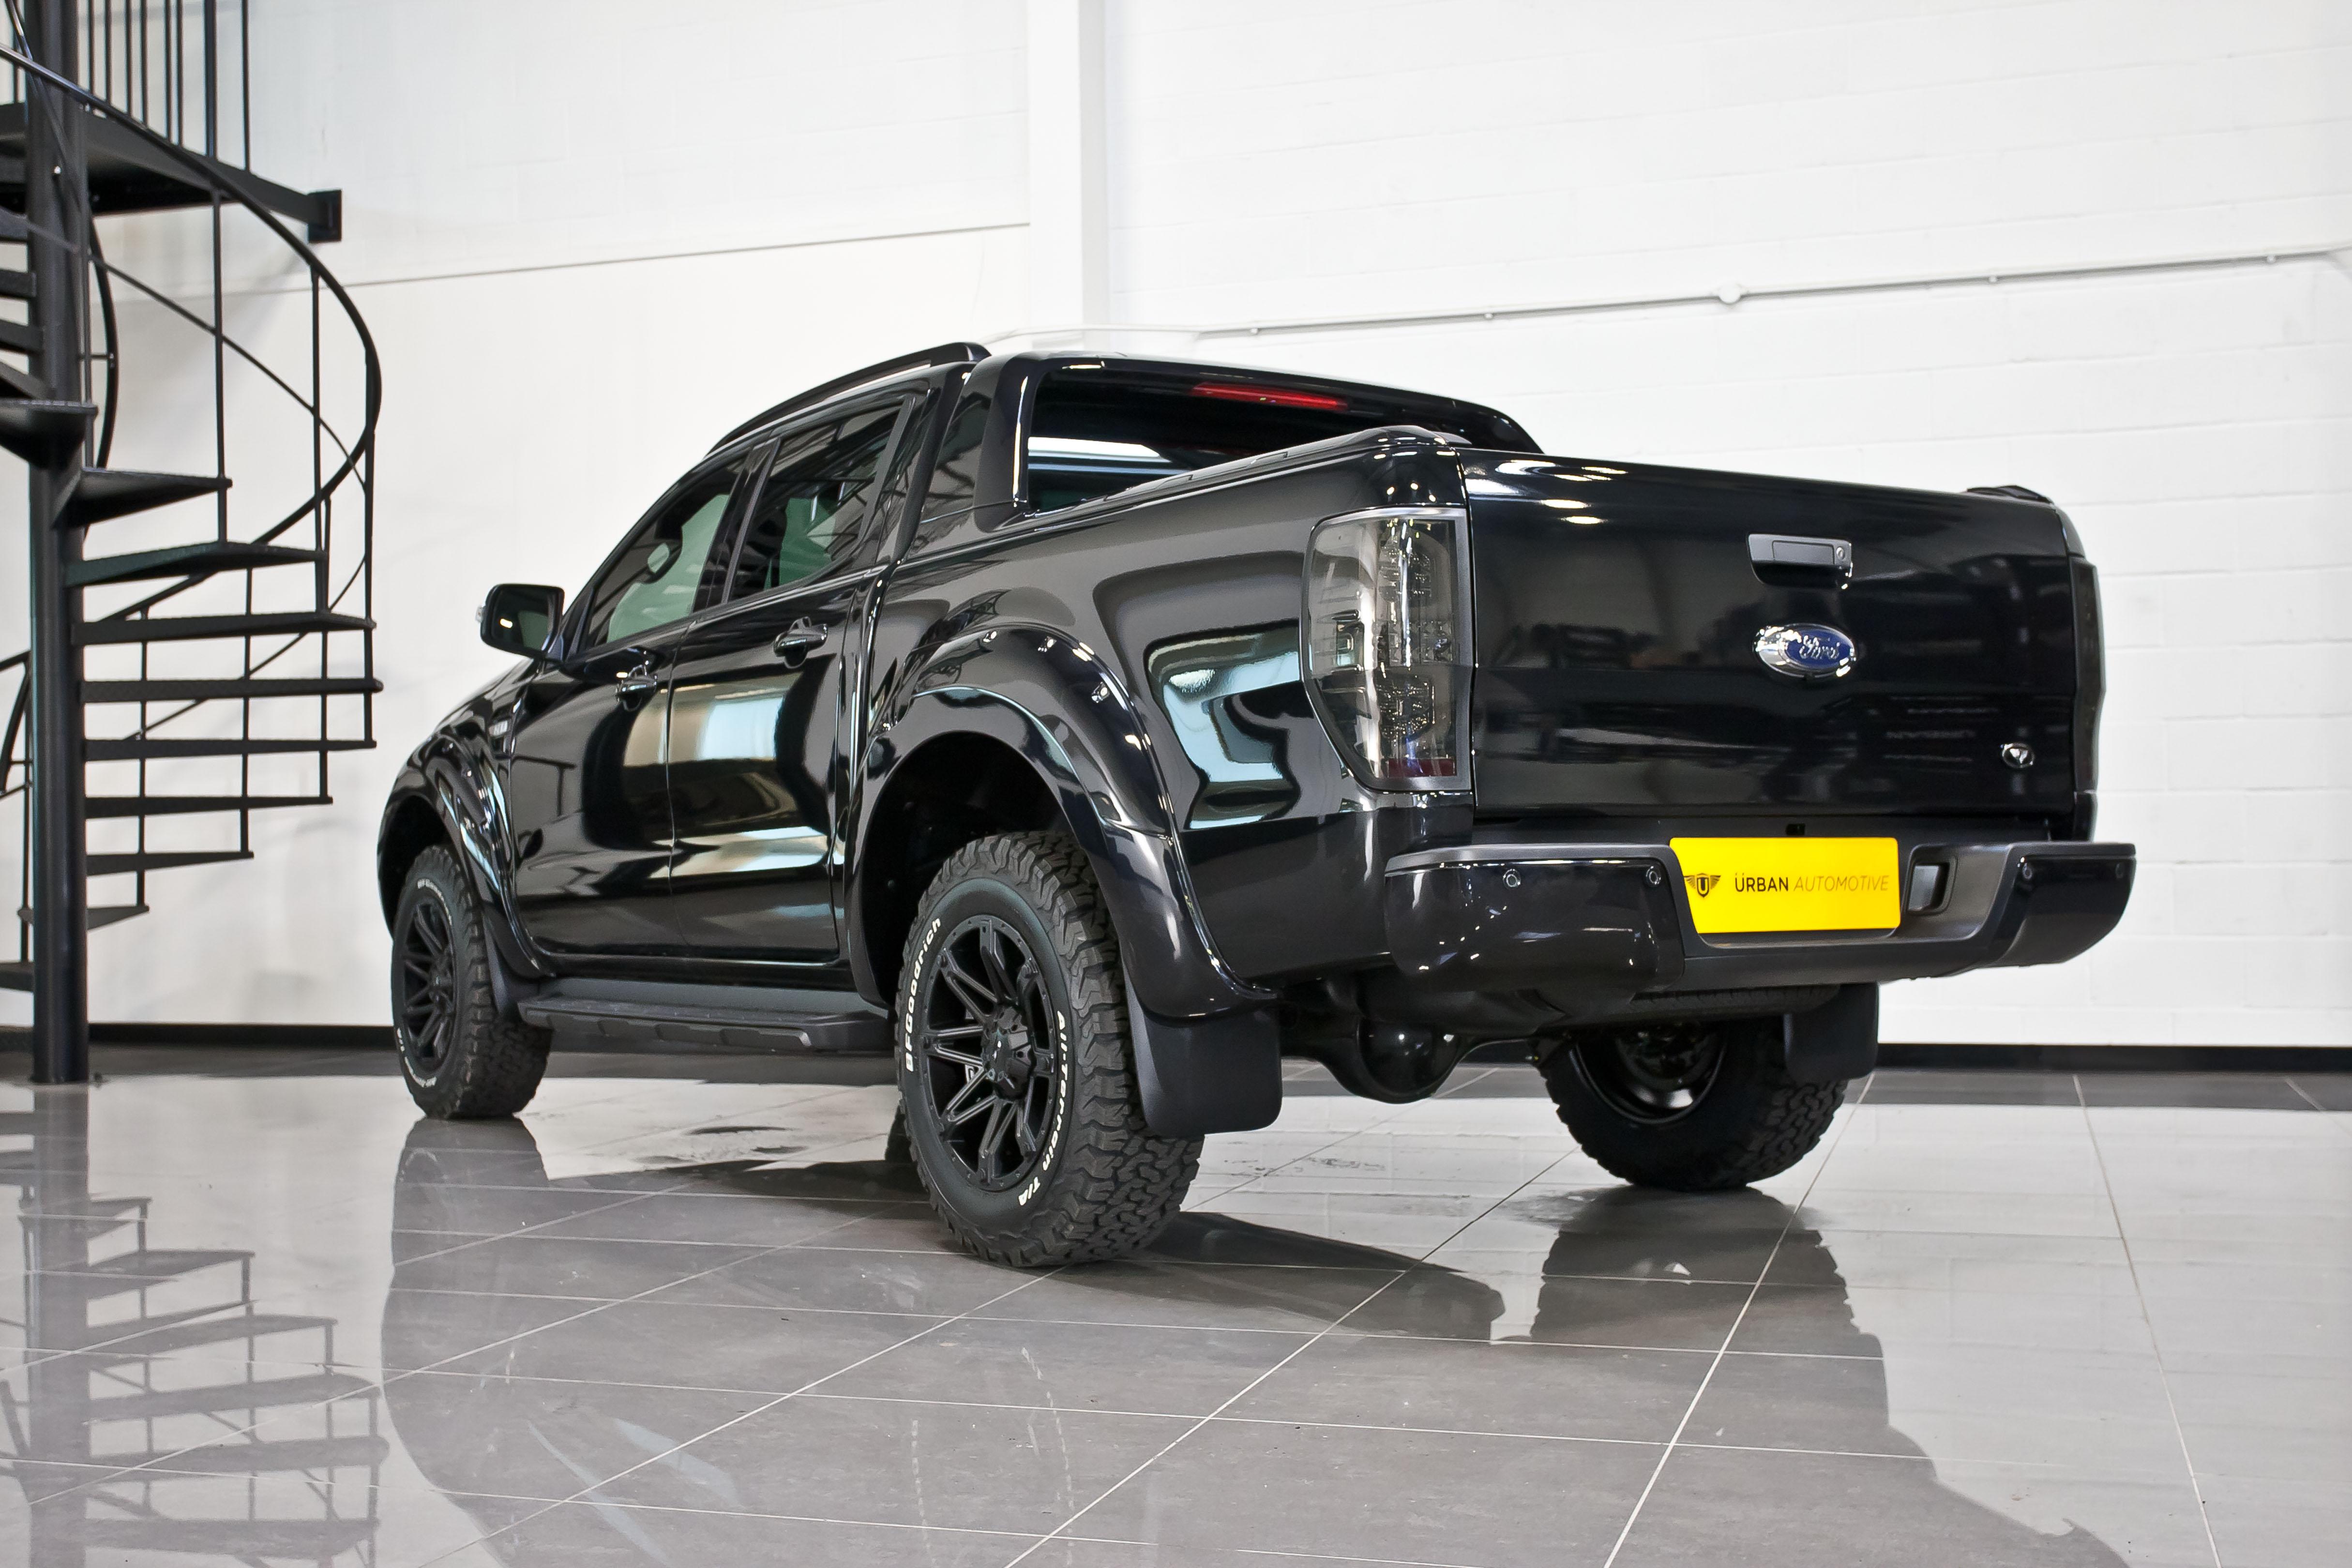 Urban Ford Ranger44